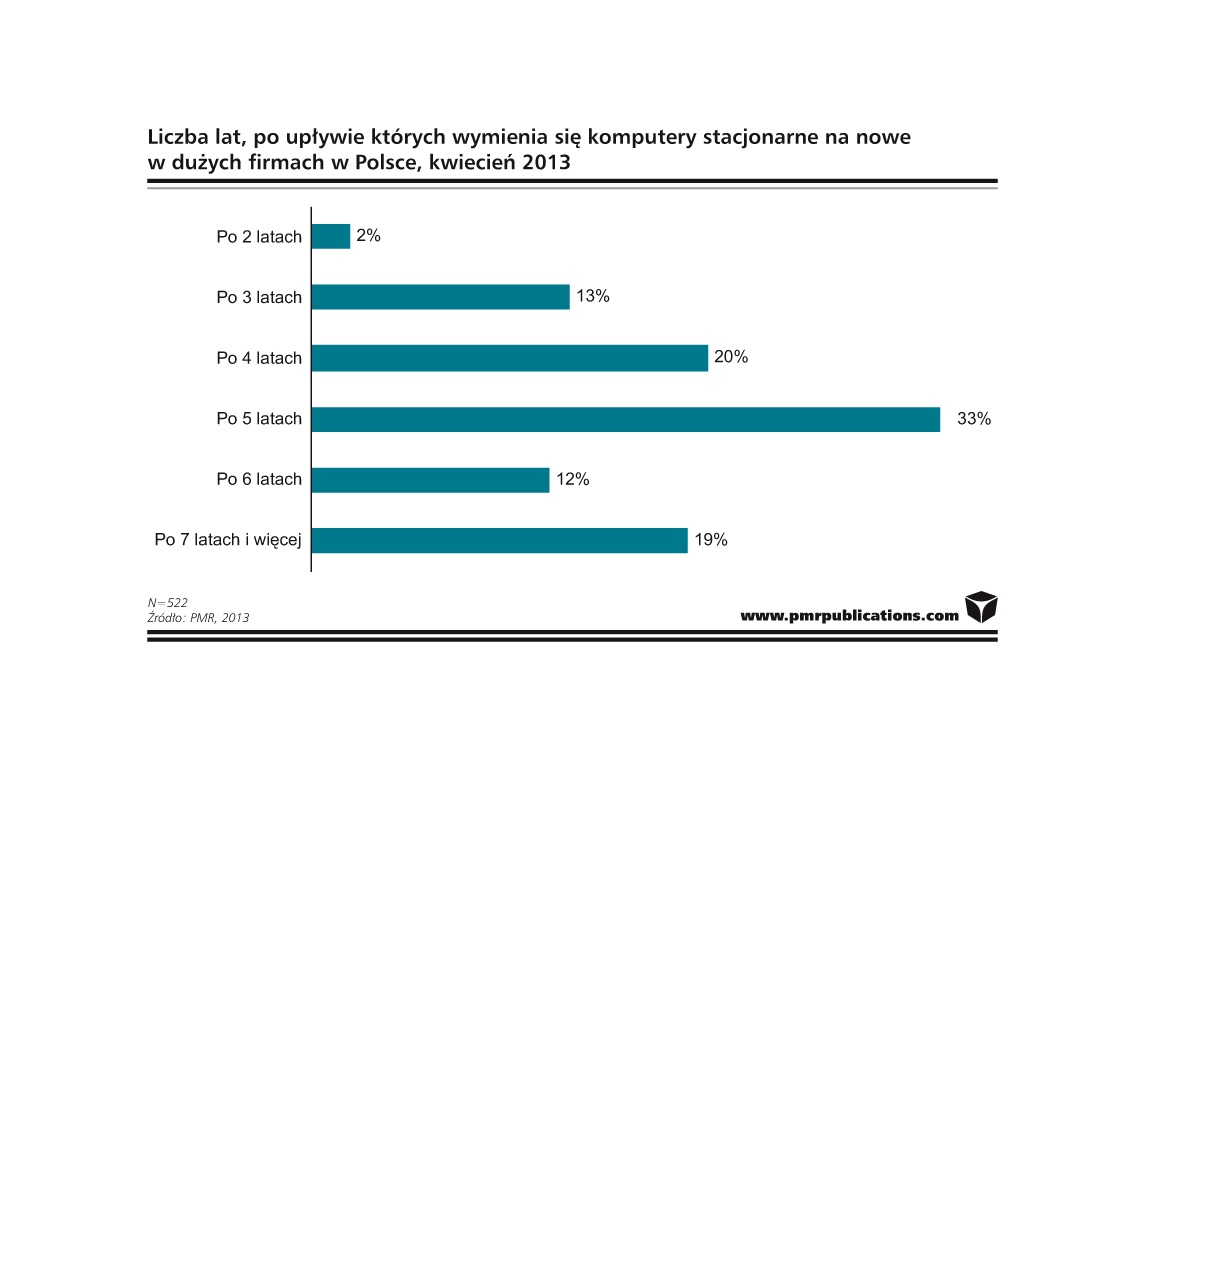 Dłuższy cykl wymiany sprzętu IT w dużych firmach